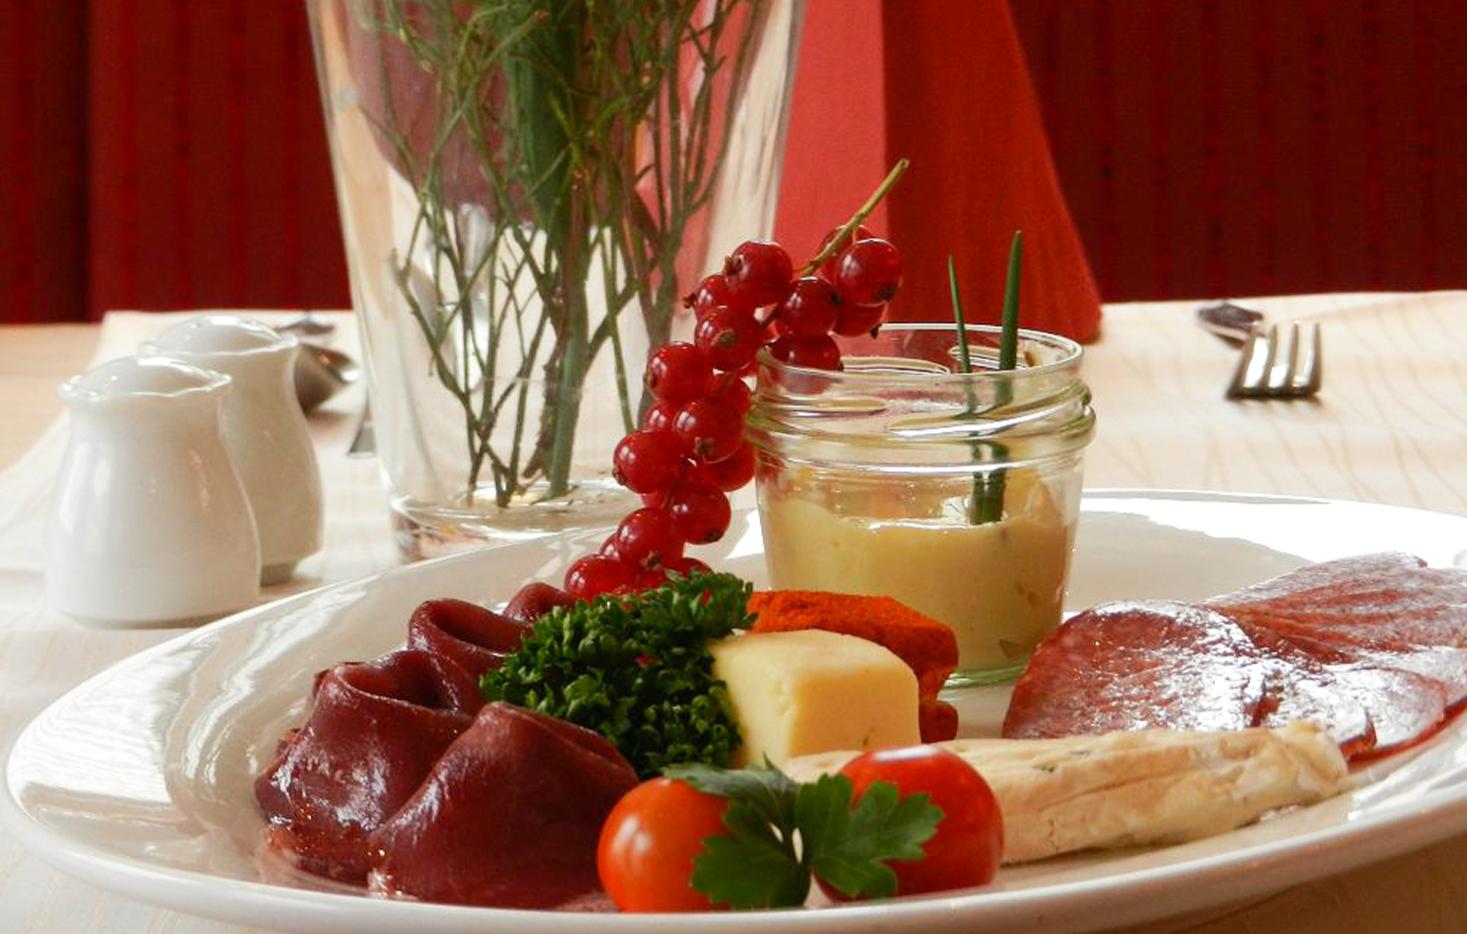 kabarett-dinner-leipzig-bg4